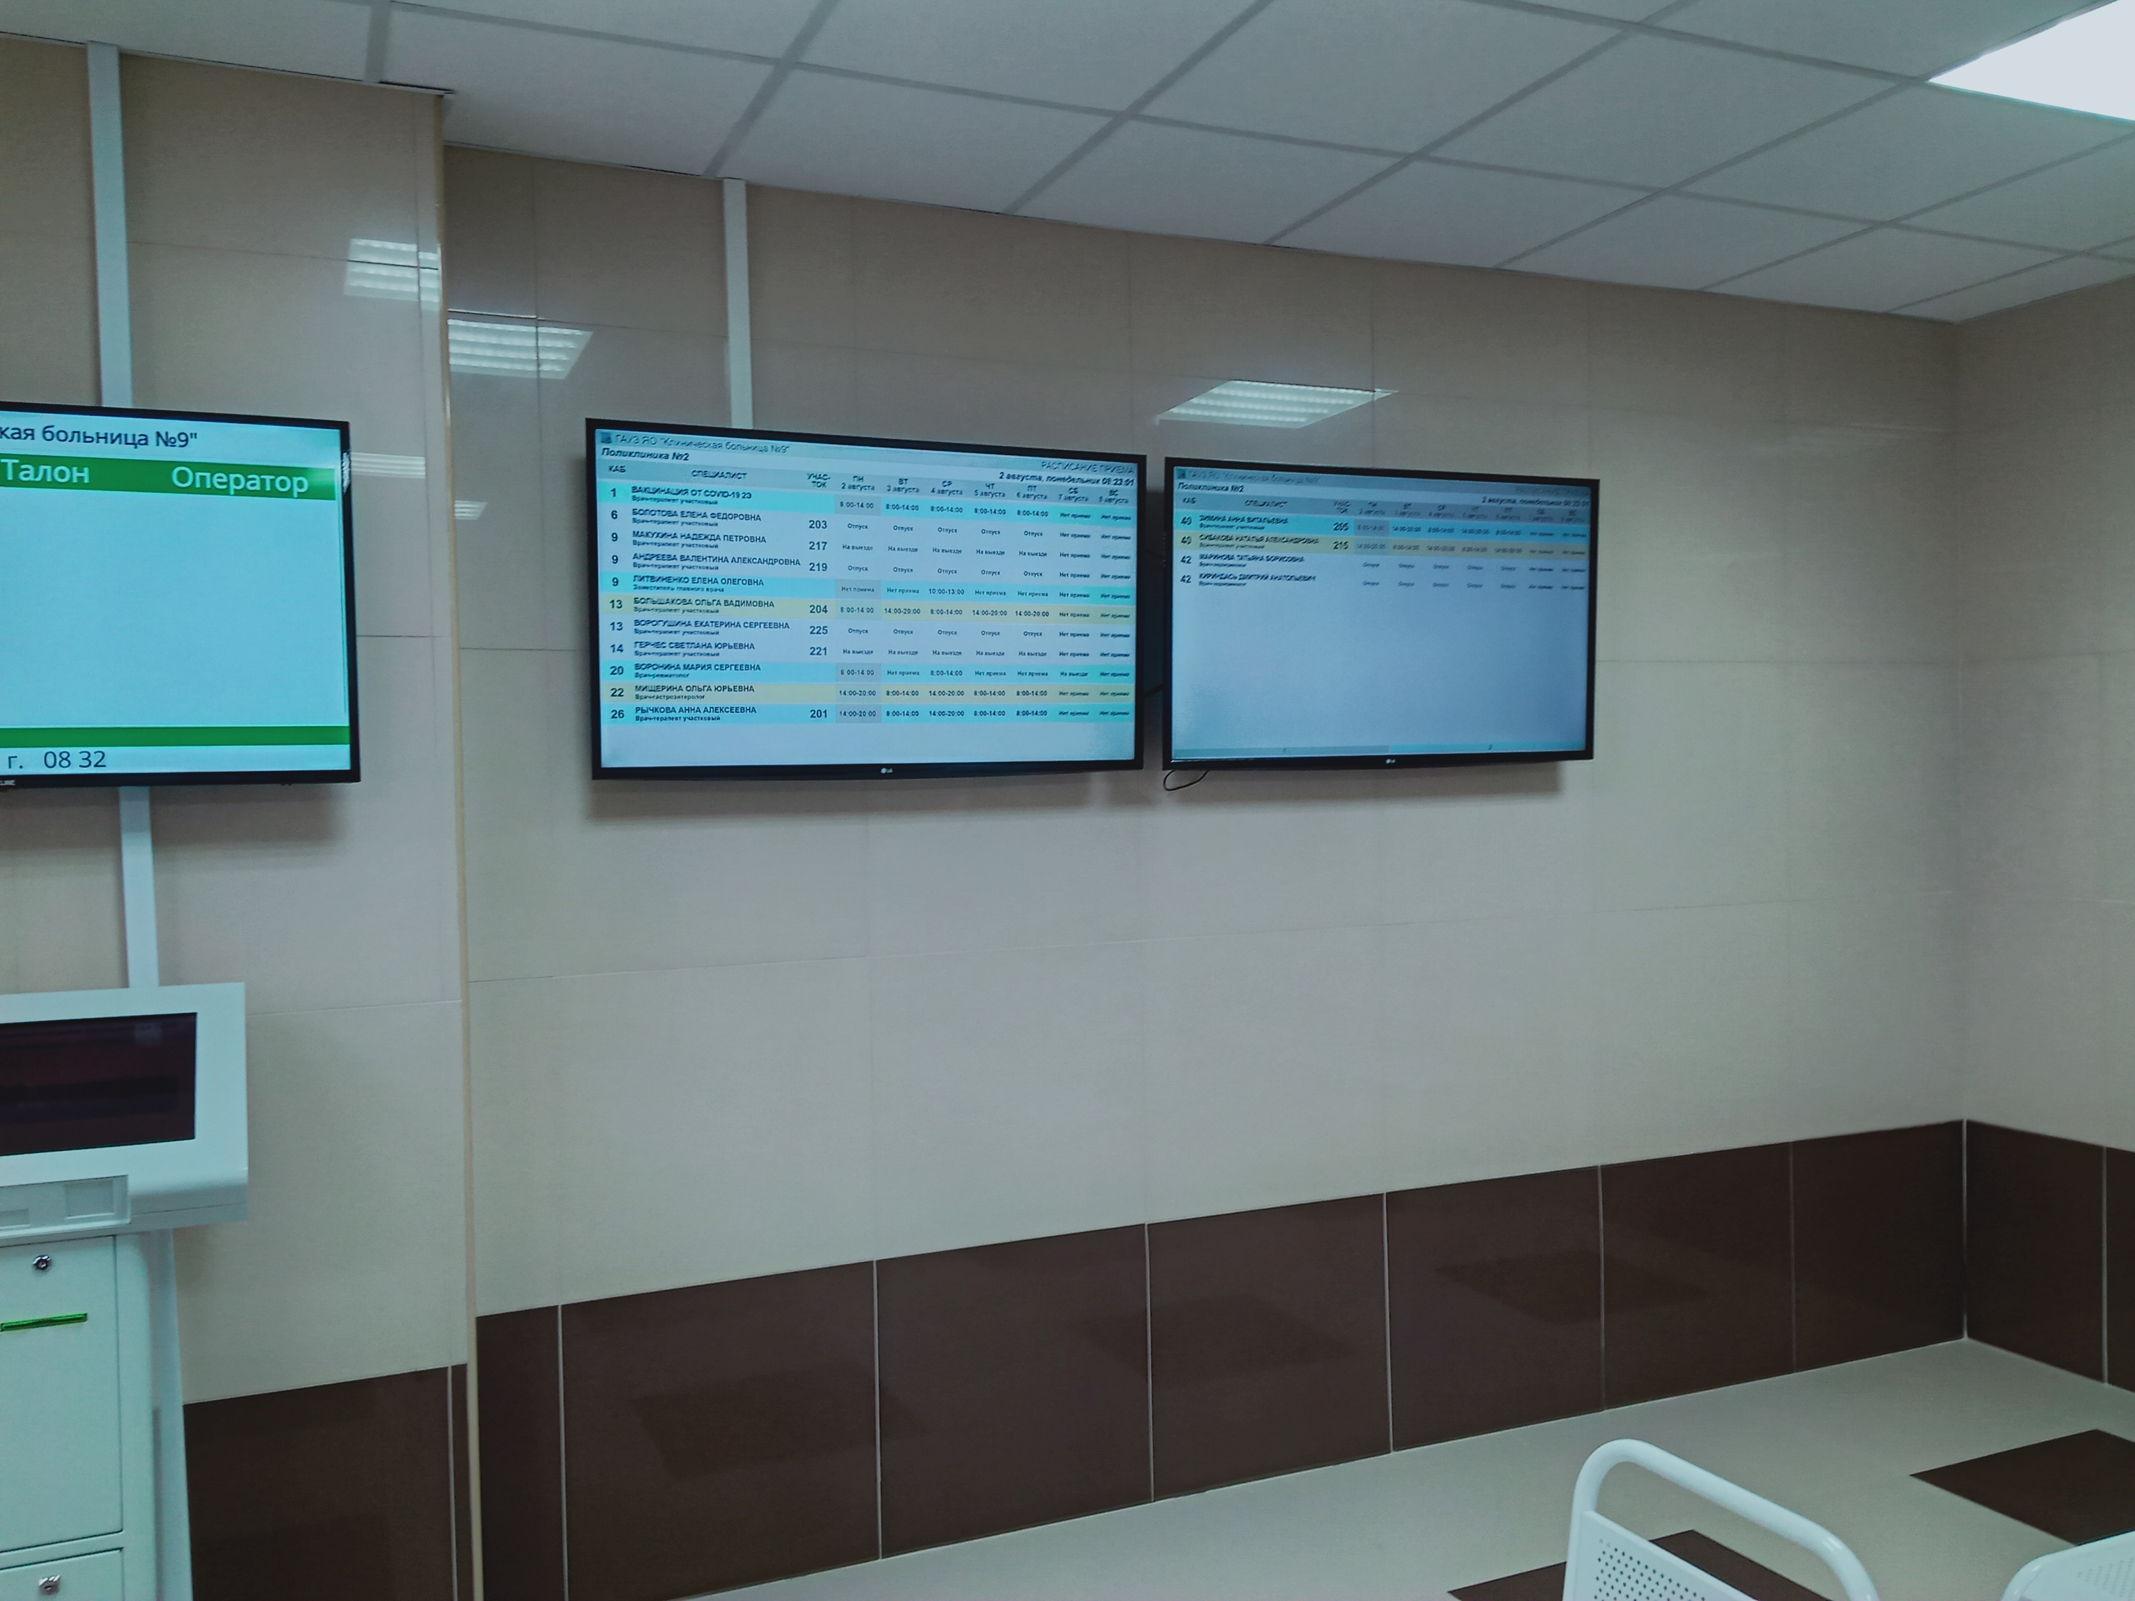 Поликлиника №2 больницы №9 готова встретить пациентов в обновленных интерьерах